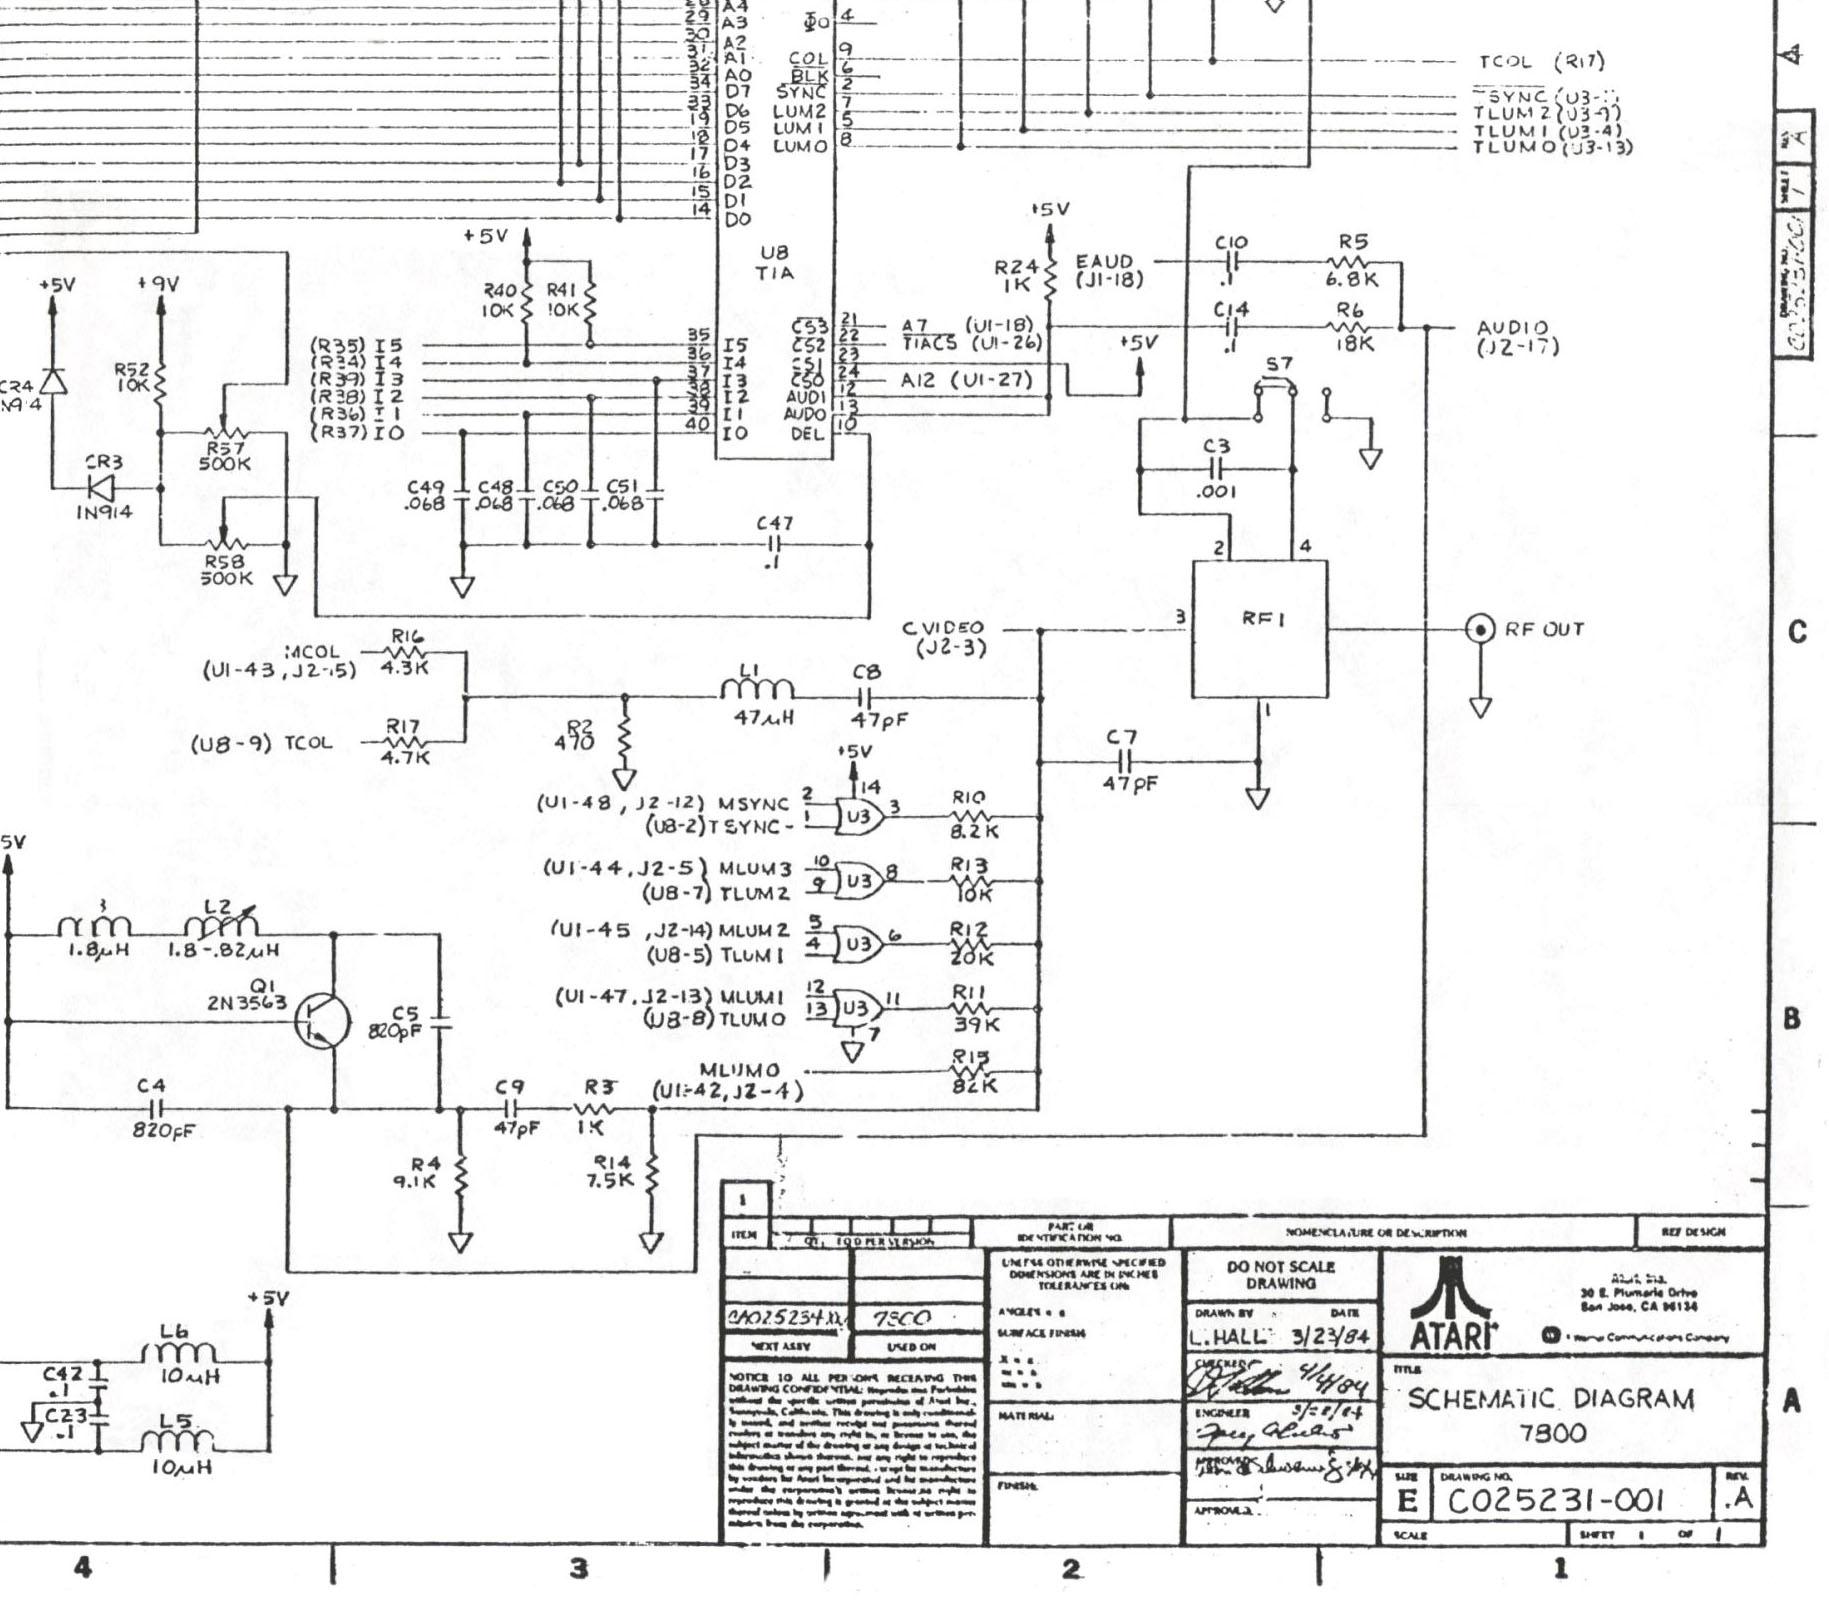 Atari schematics schematic